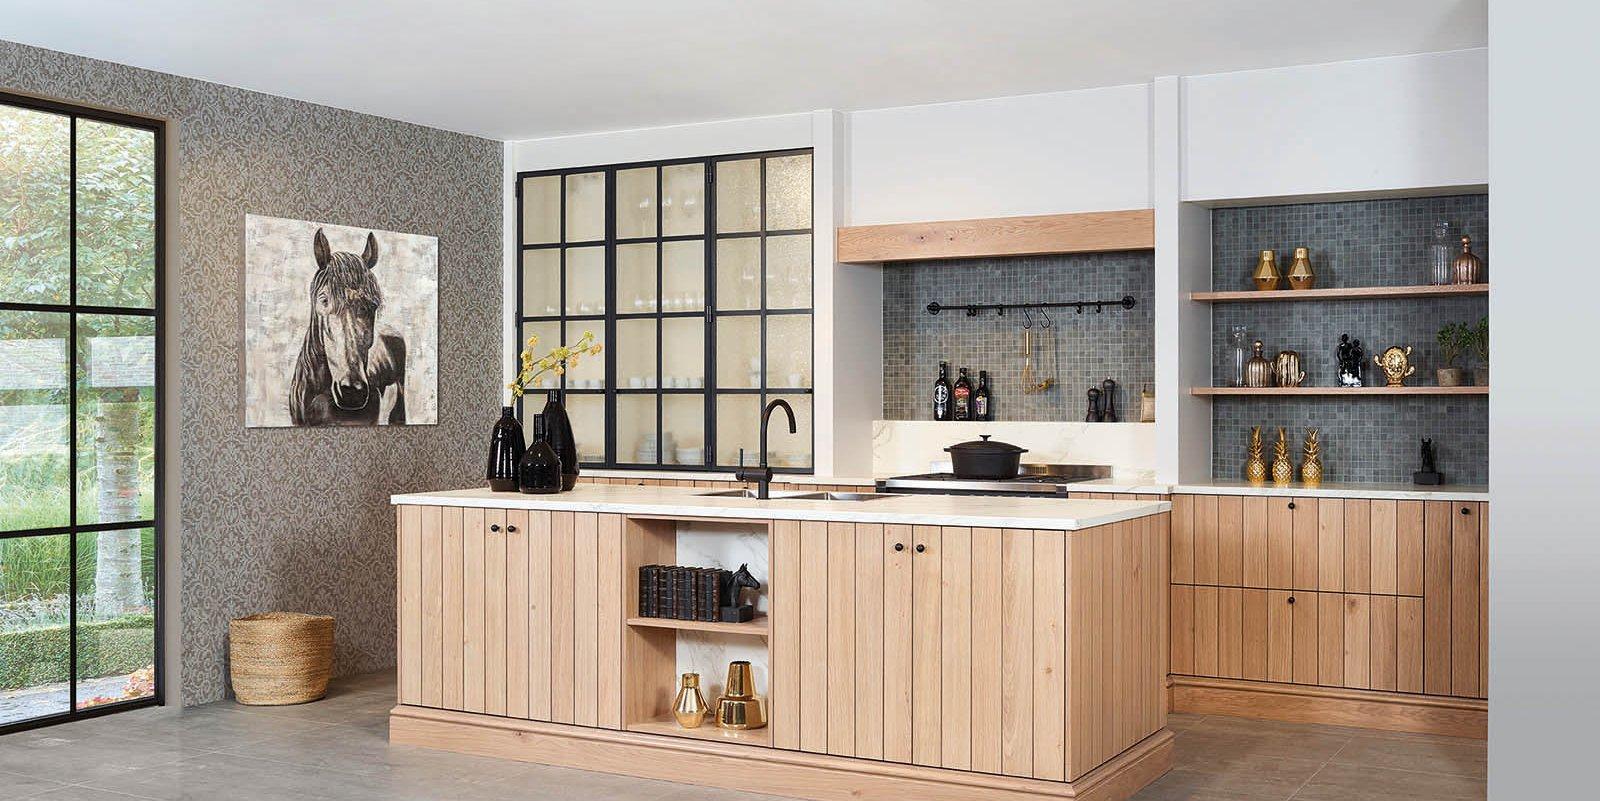 Keuken in fineer eik - Model Provence 10